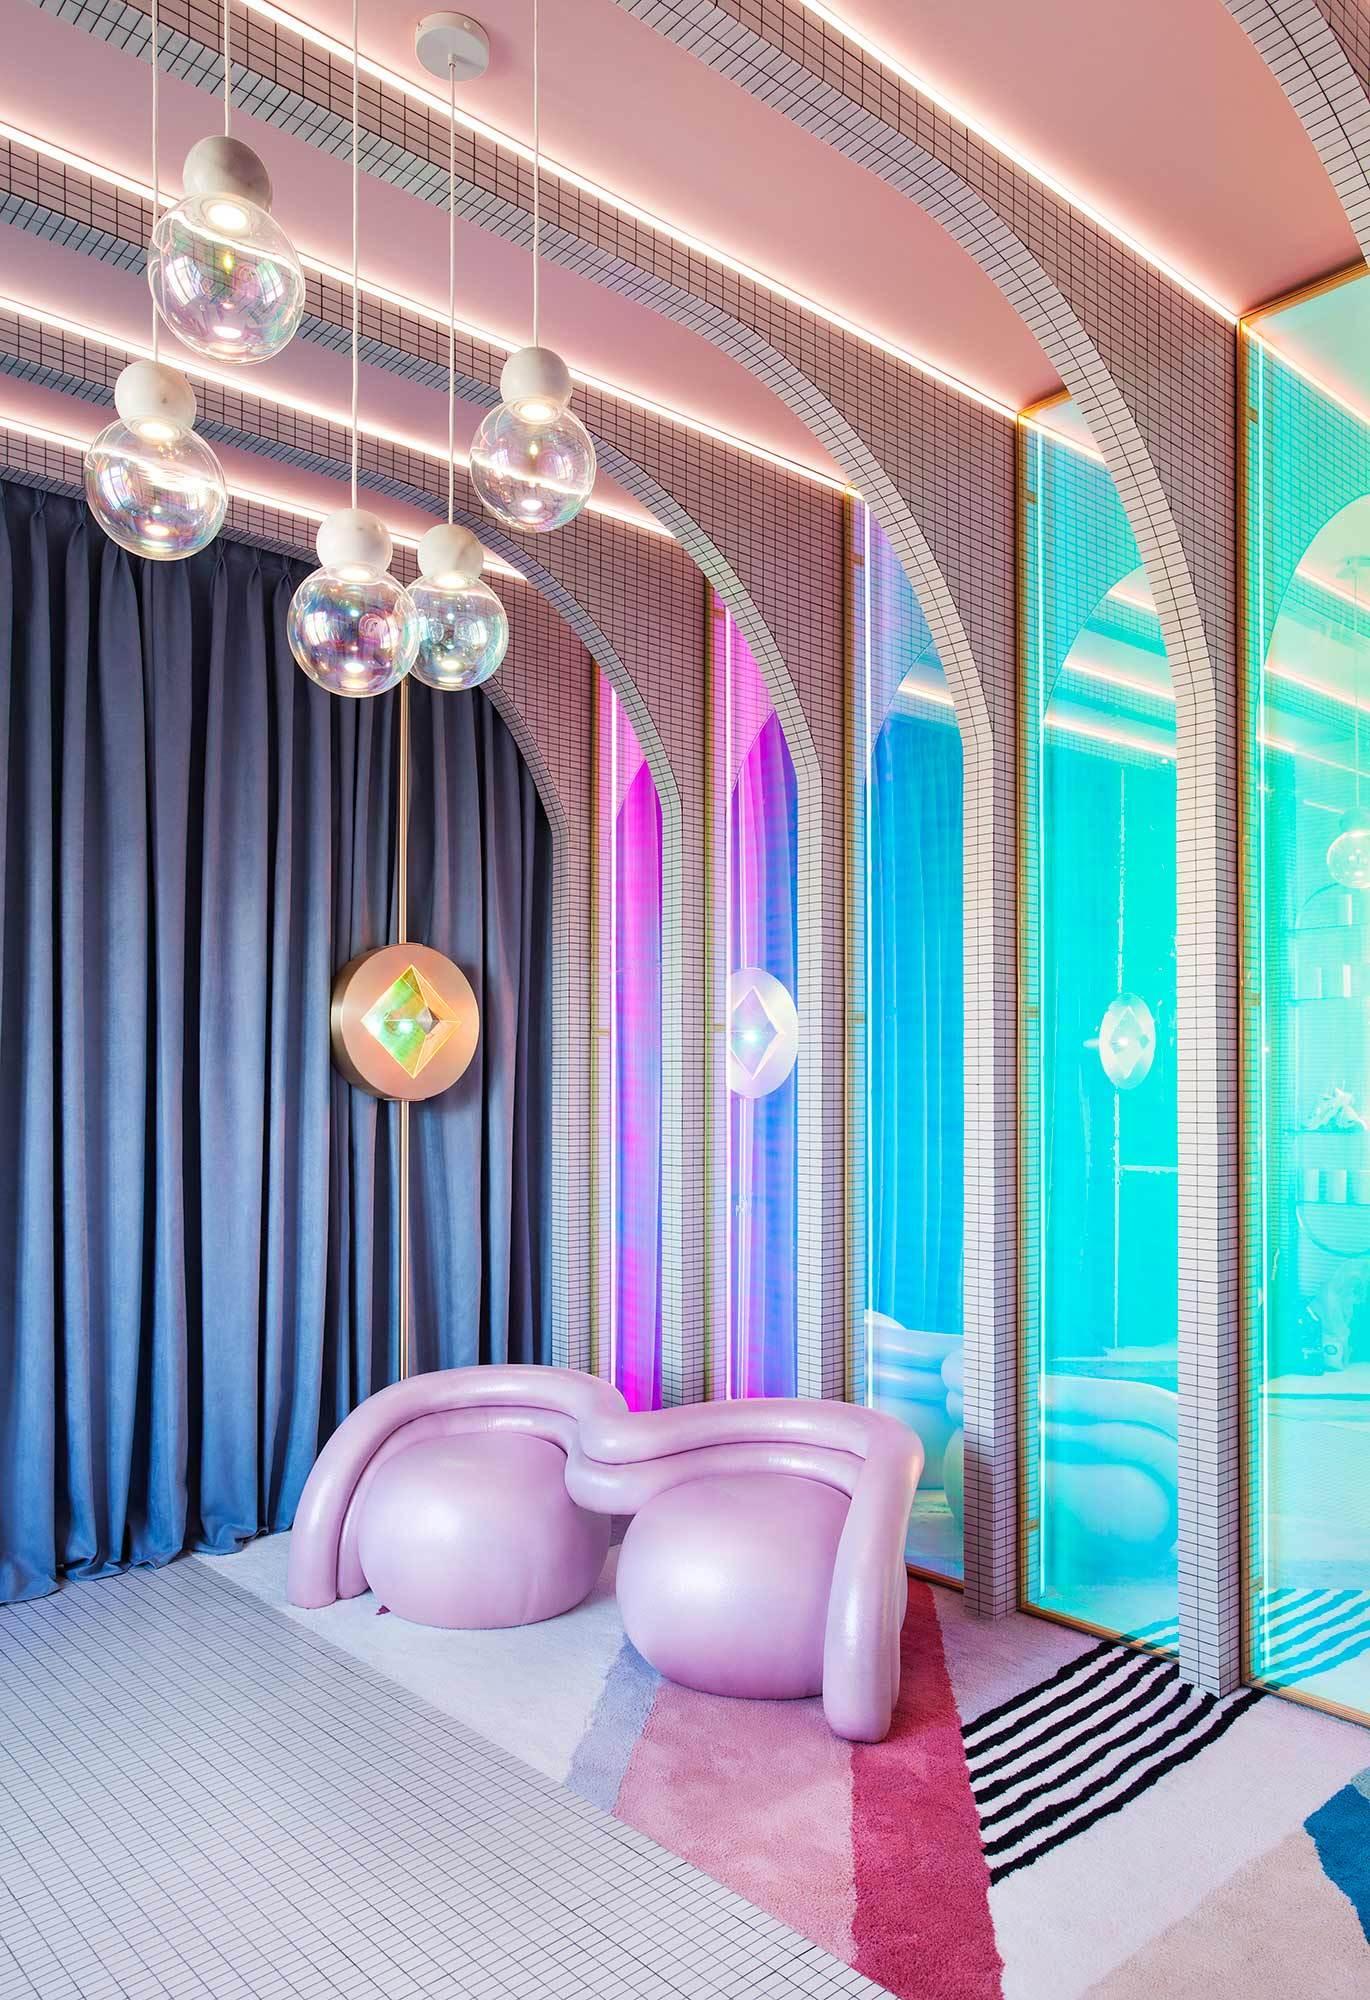 Wonder Galaxy, gli interni futuristici di Patricia Bustos | Collater.al 1